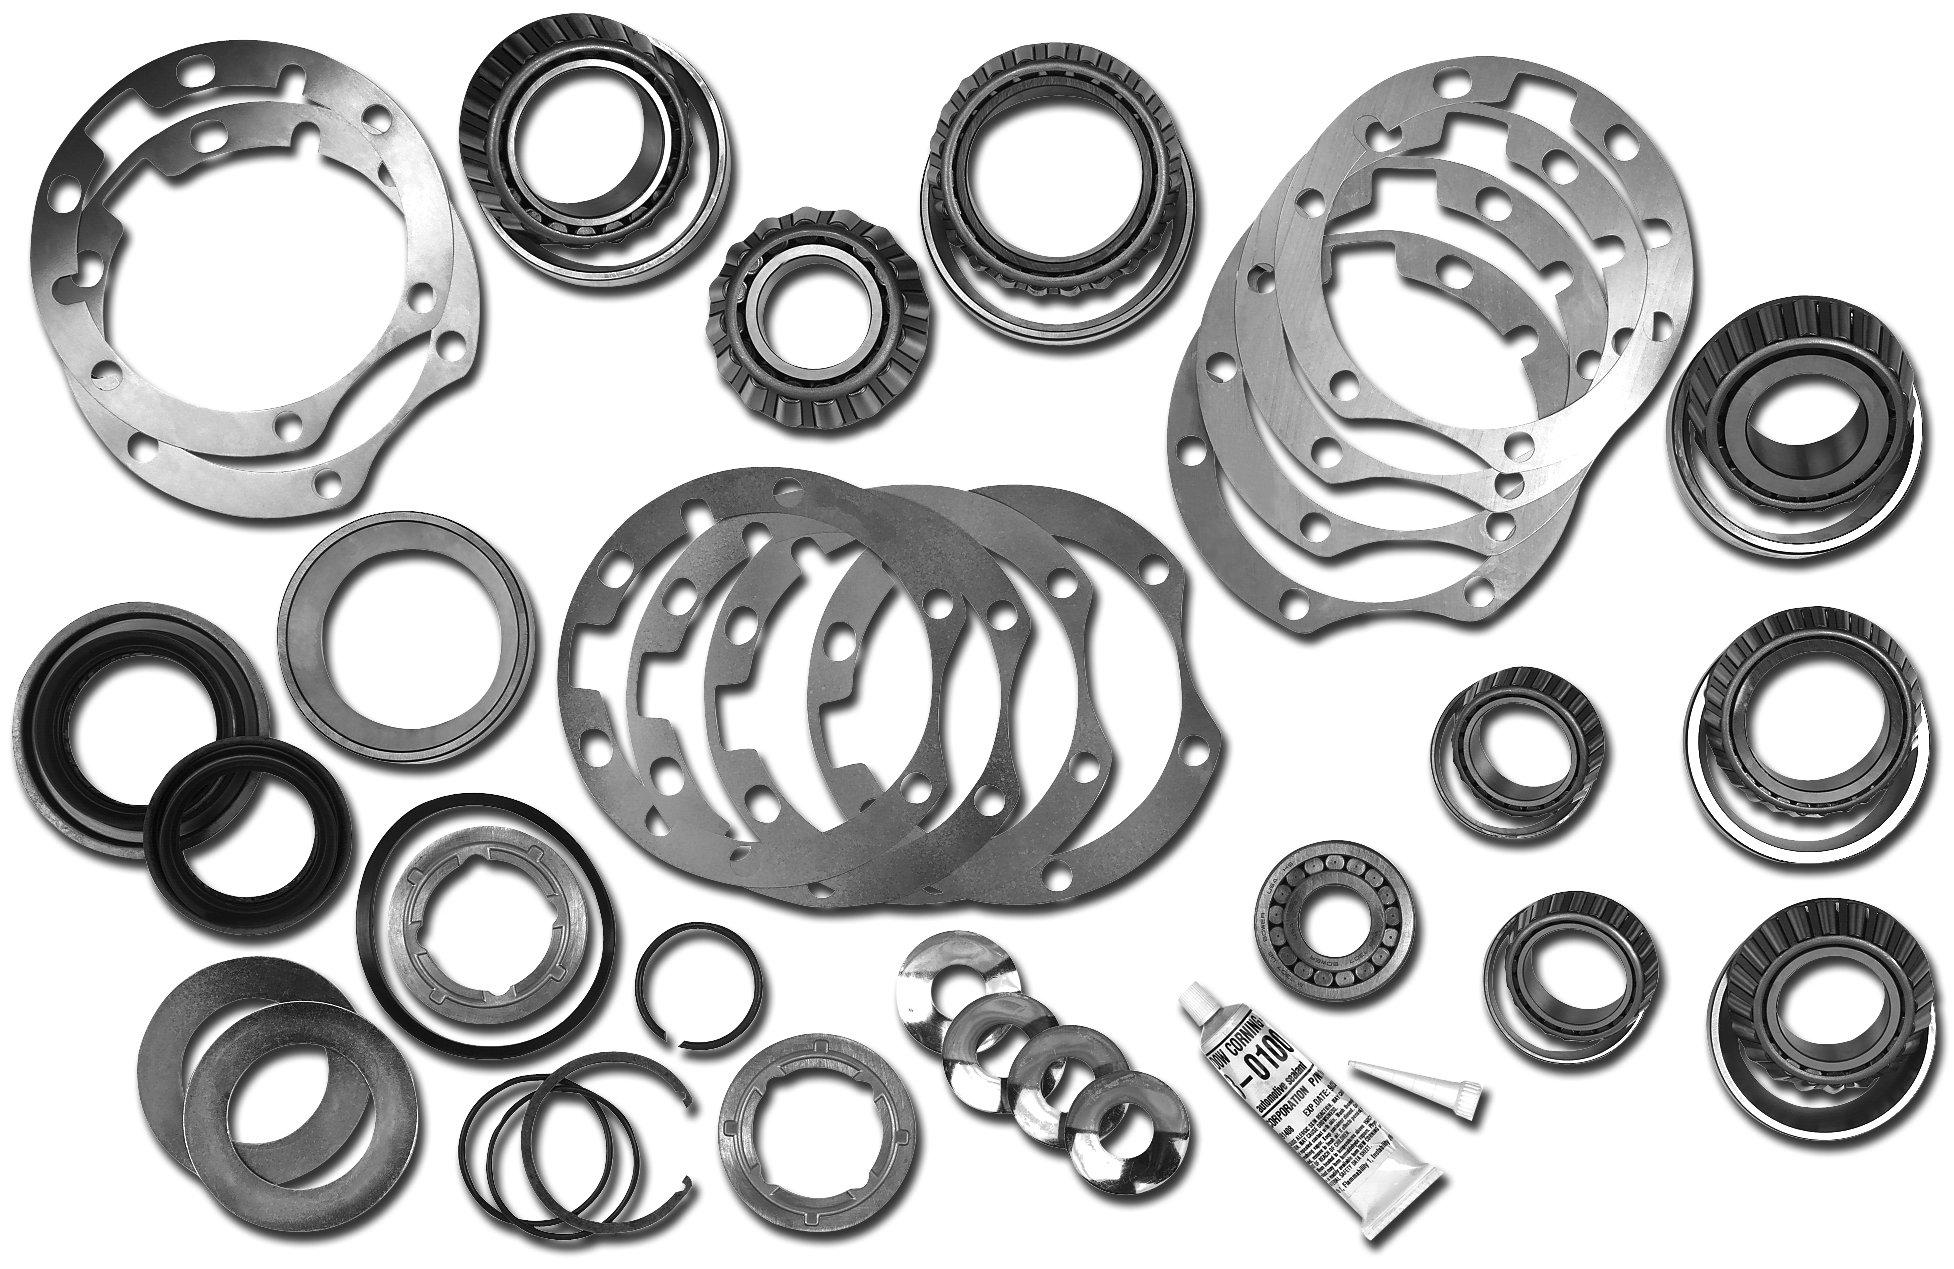 Dana Spicer 2017101 Master Axle Overhaul Kit for 03-06